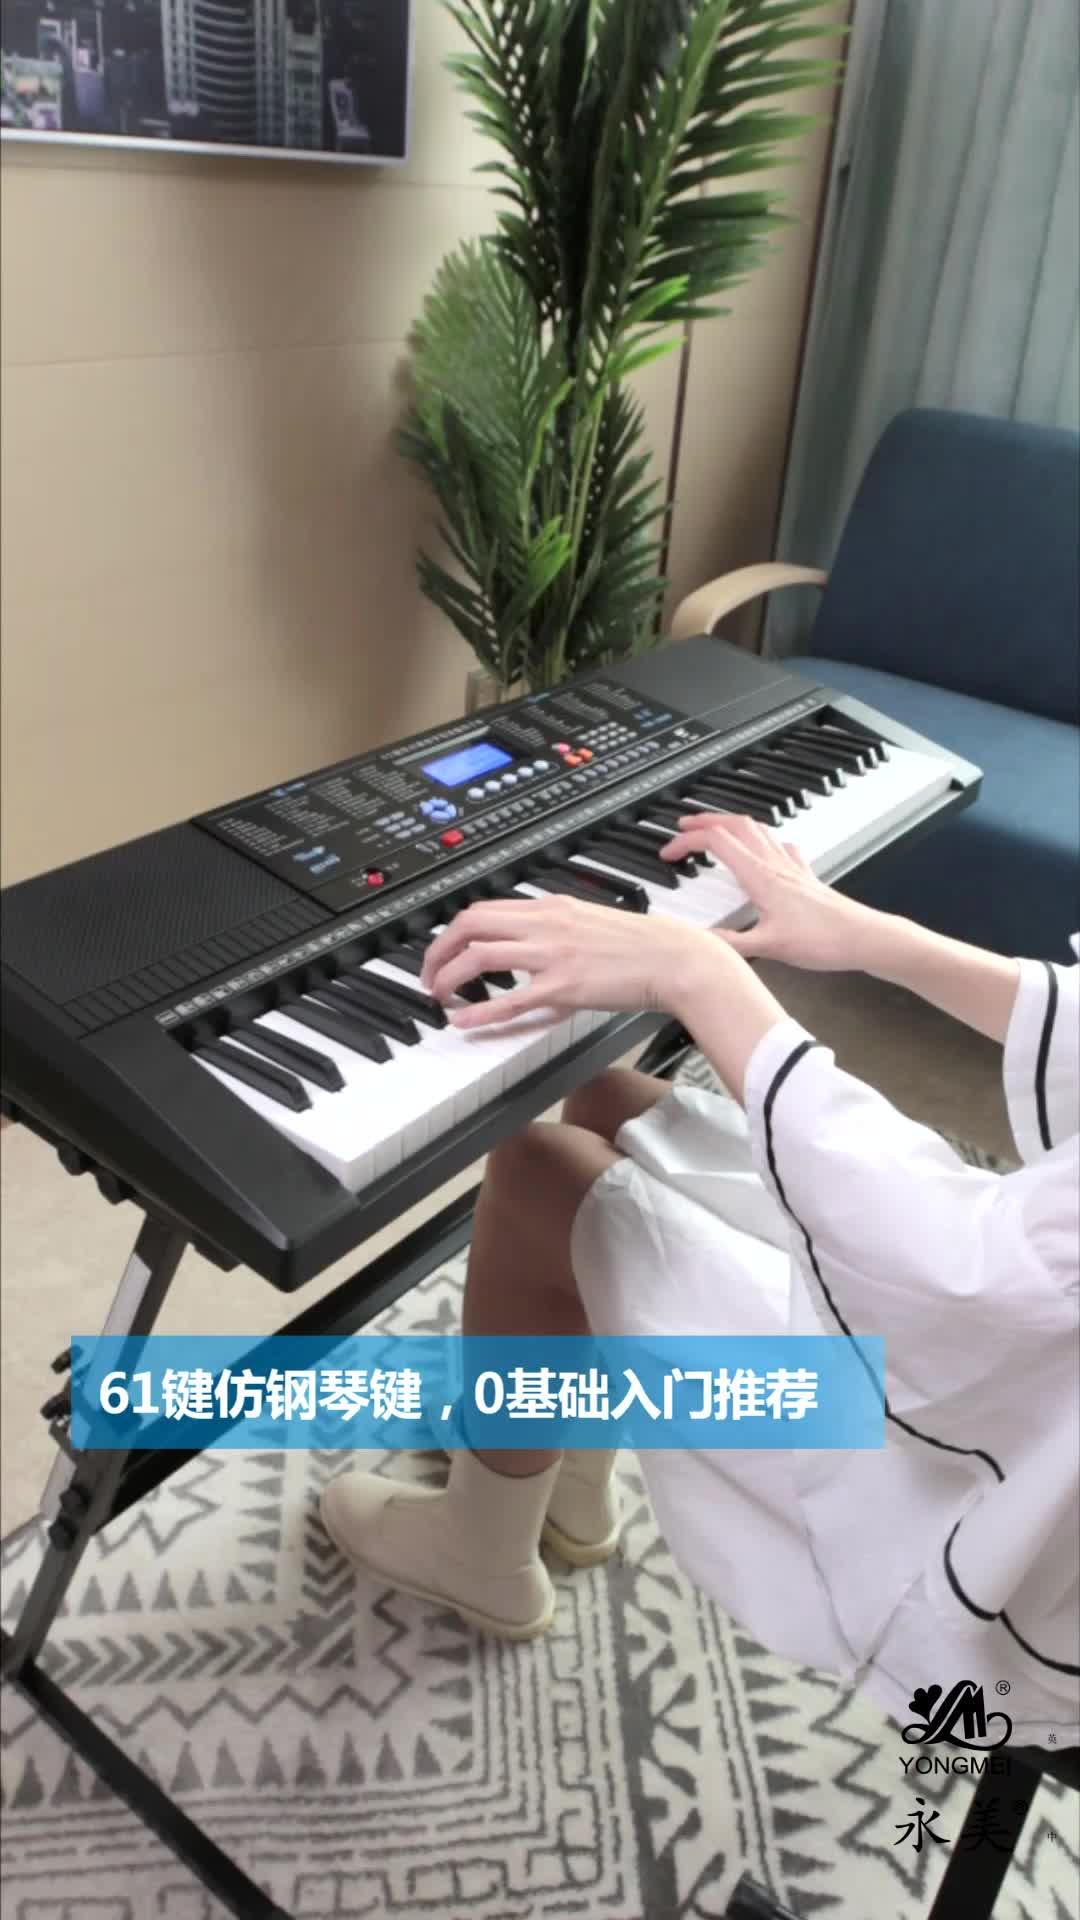 61 chiave Sintetizzatore/l'illuminazione Della Tastiera organo Elettronico/Strumenti musicali Giocattolo illuminato chiavi